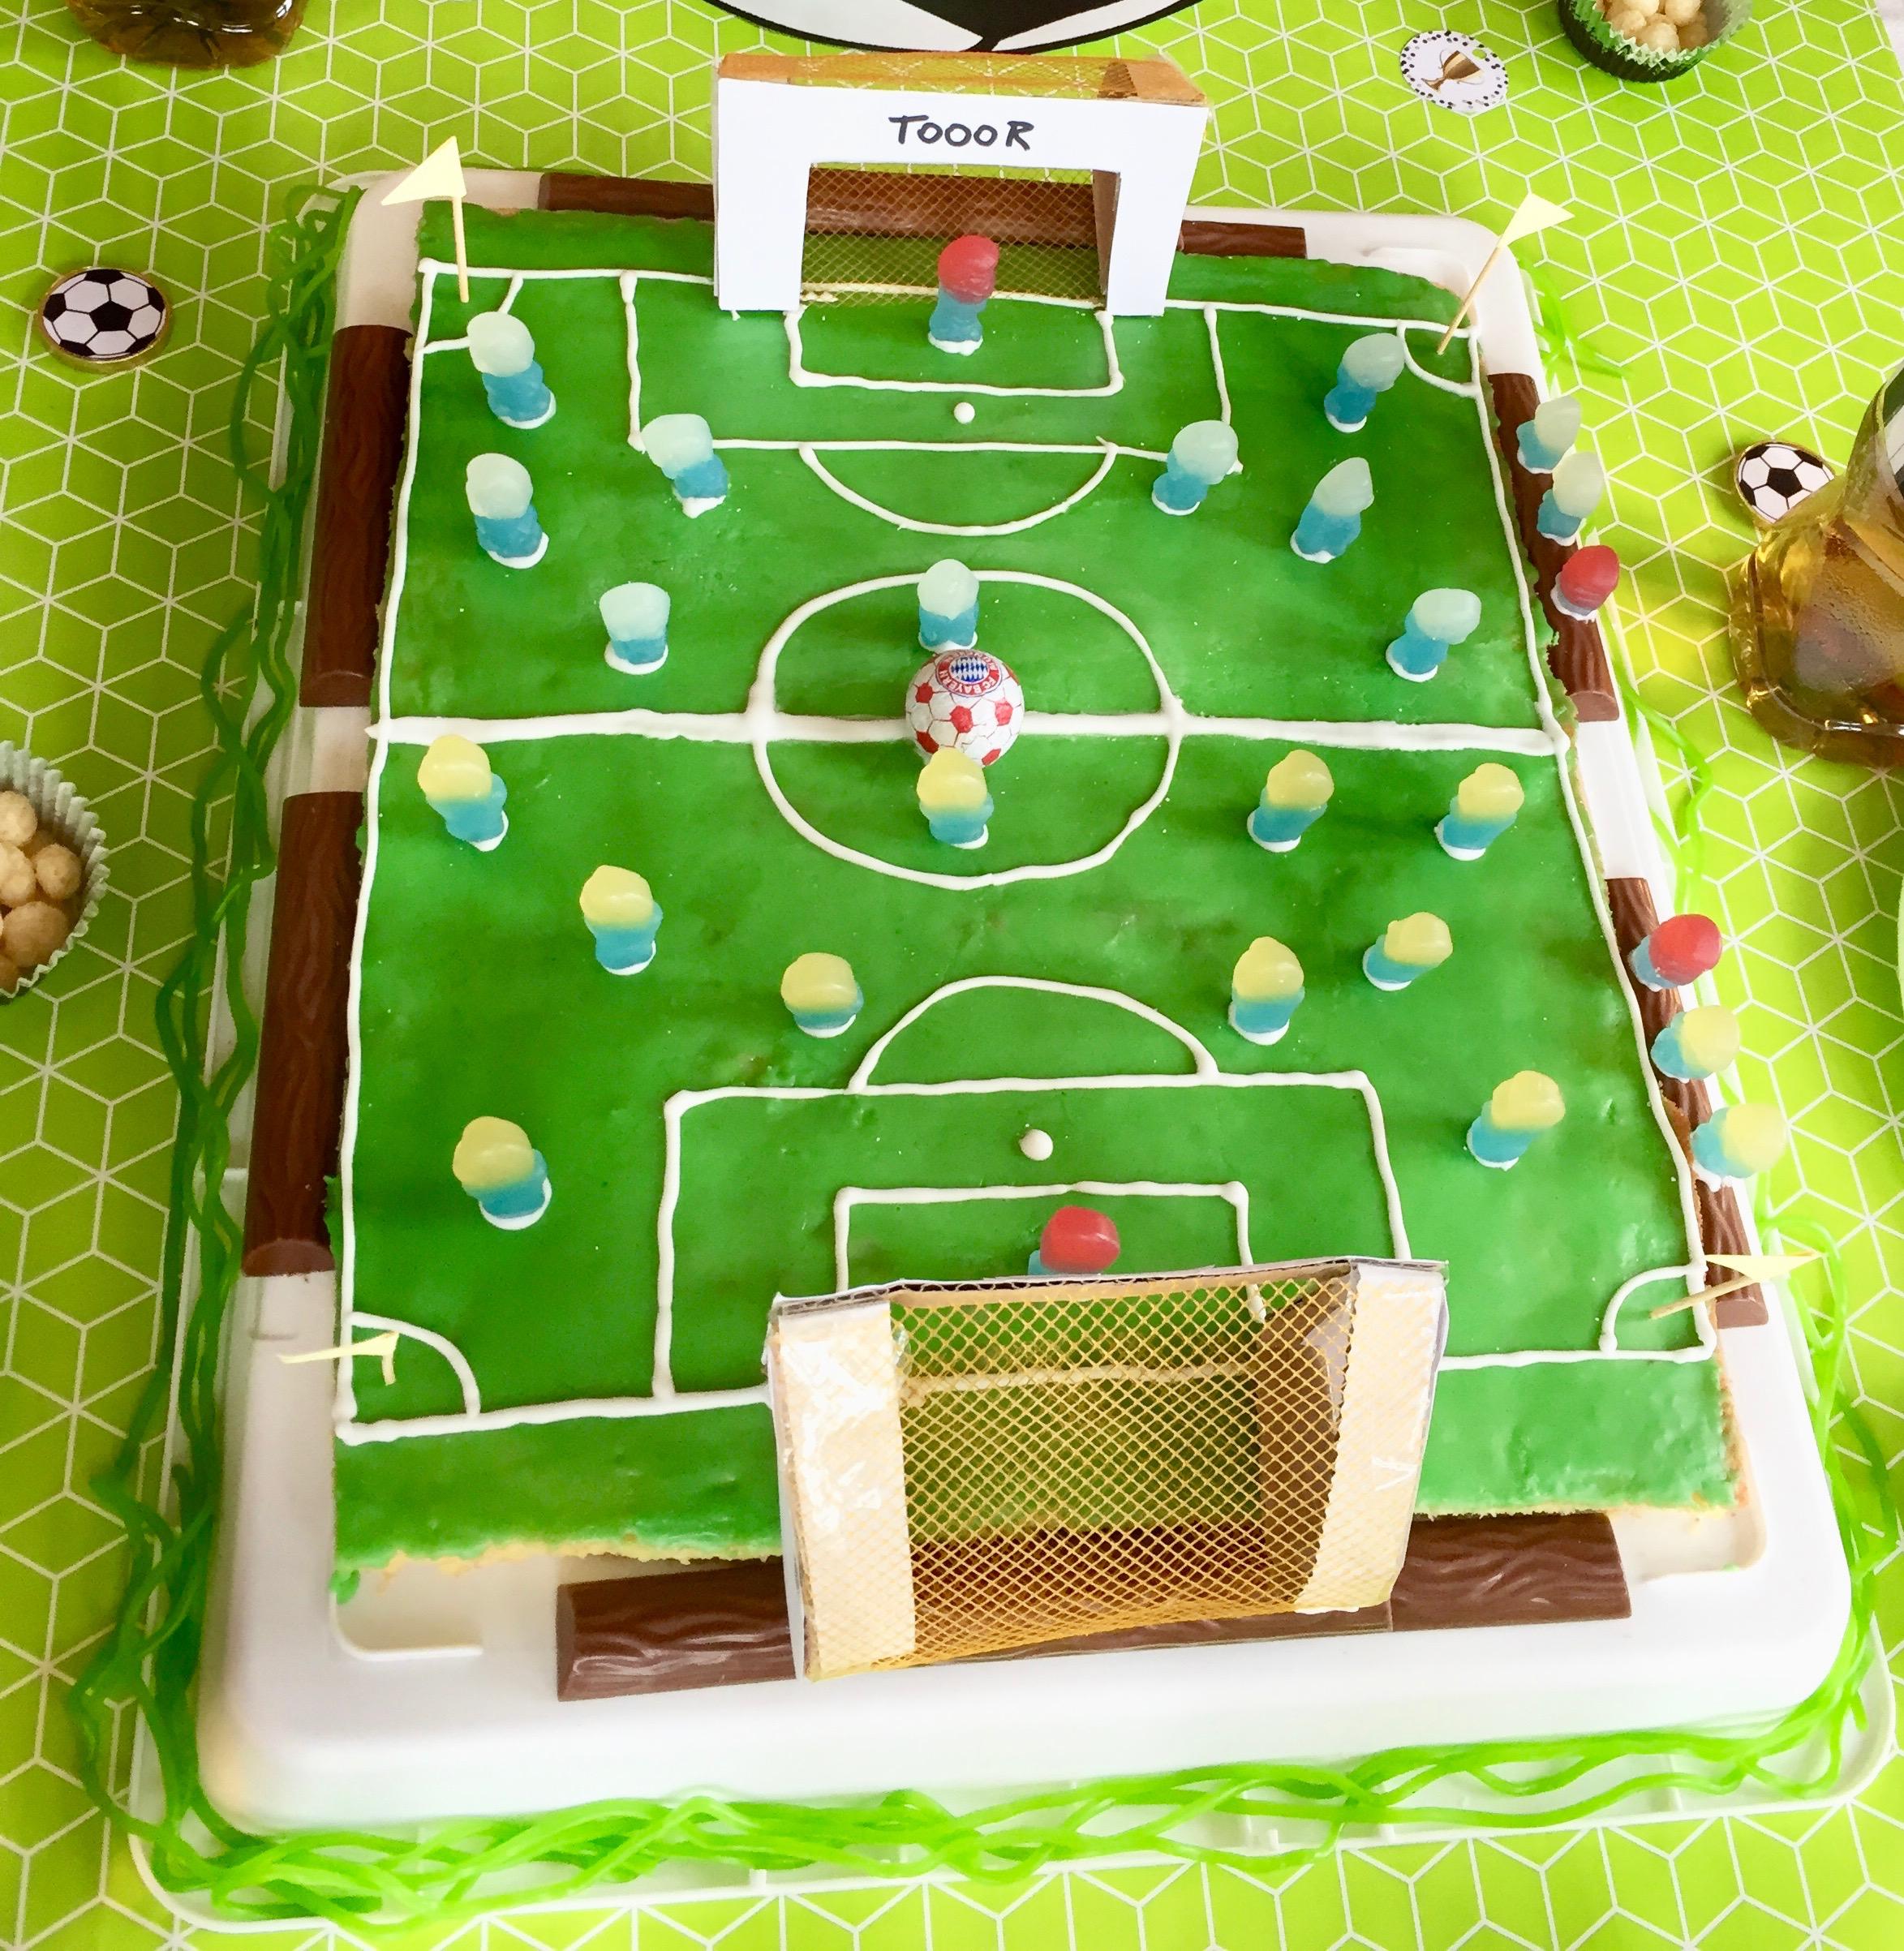 Fußball Kuchen für Kindergeburtstag backen, Zitronenkuchen Rezept